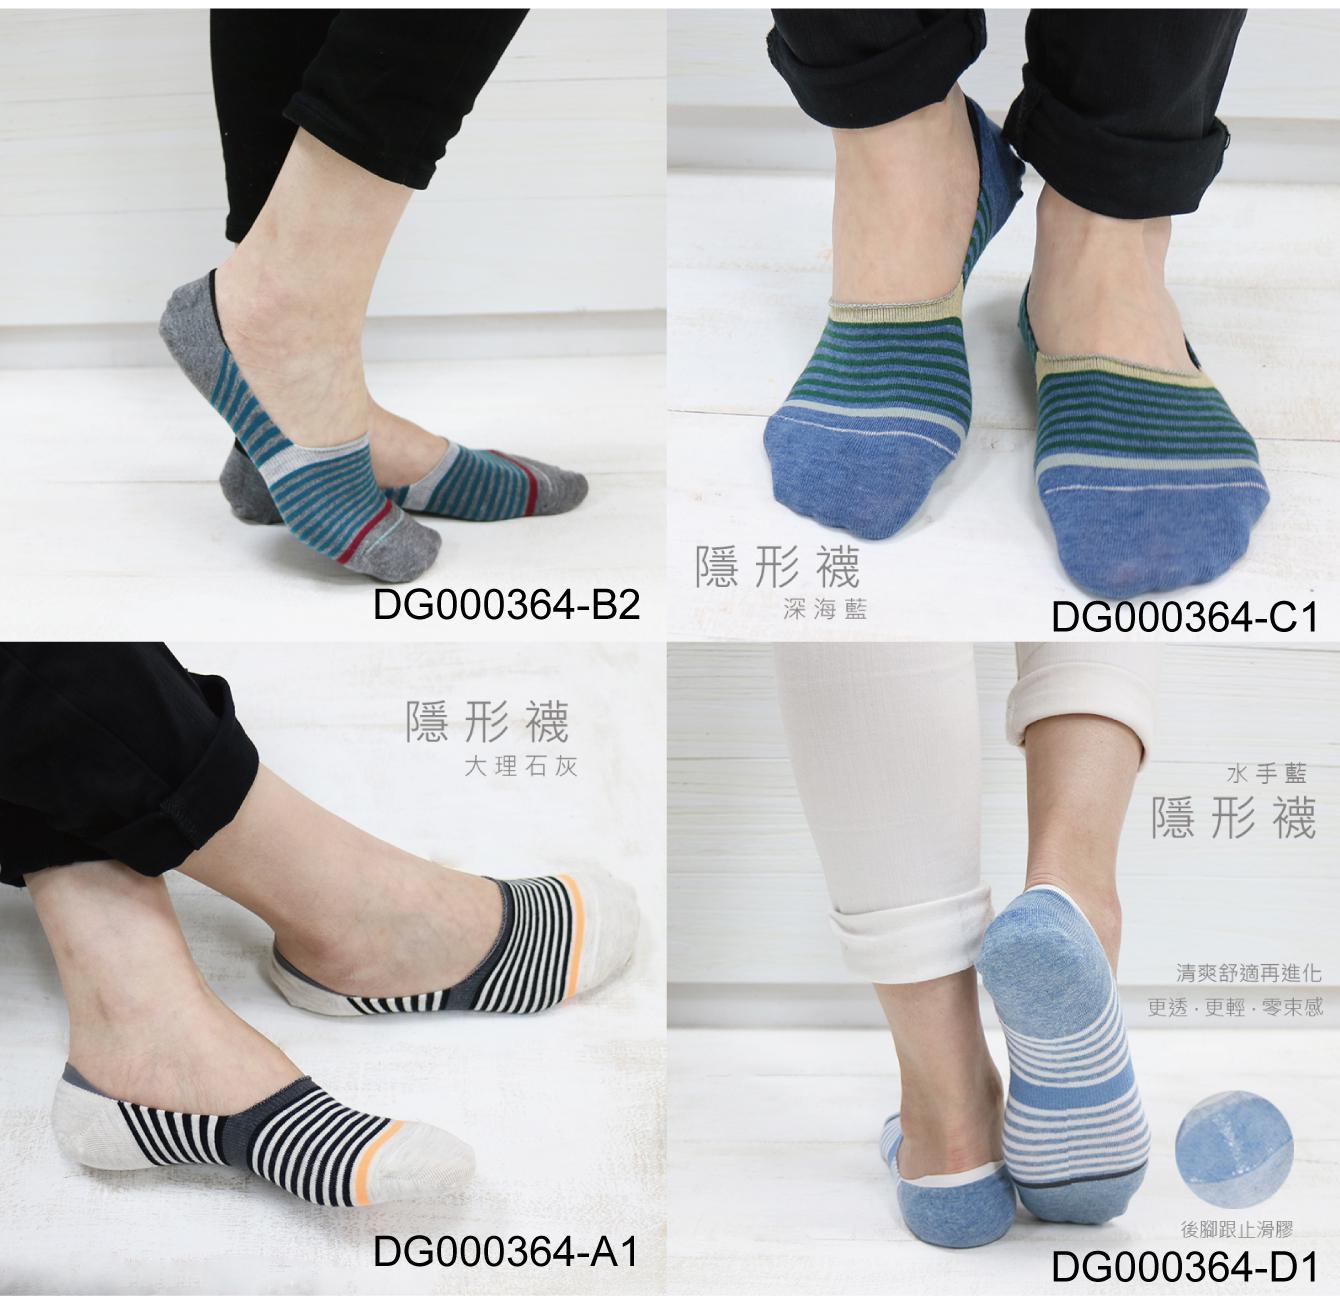 《DKGP364》繽紛條紋襪套 (極淺口) ★腳跟止滑加強★ 女款(21-25公分) 男款(24-28cm)